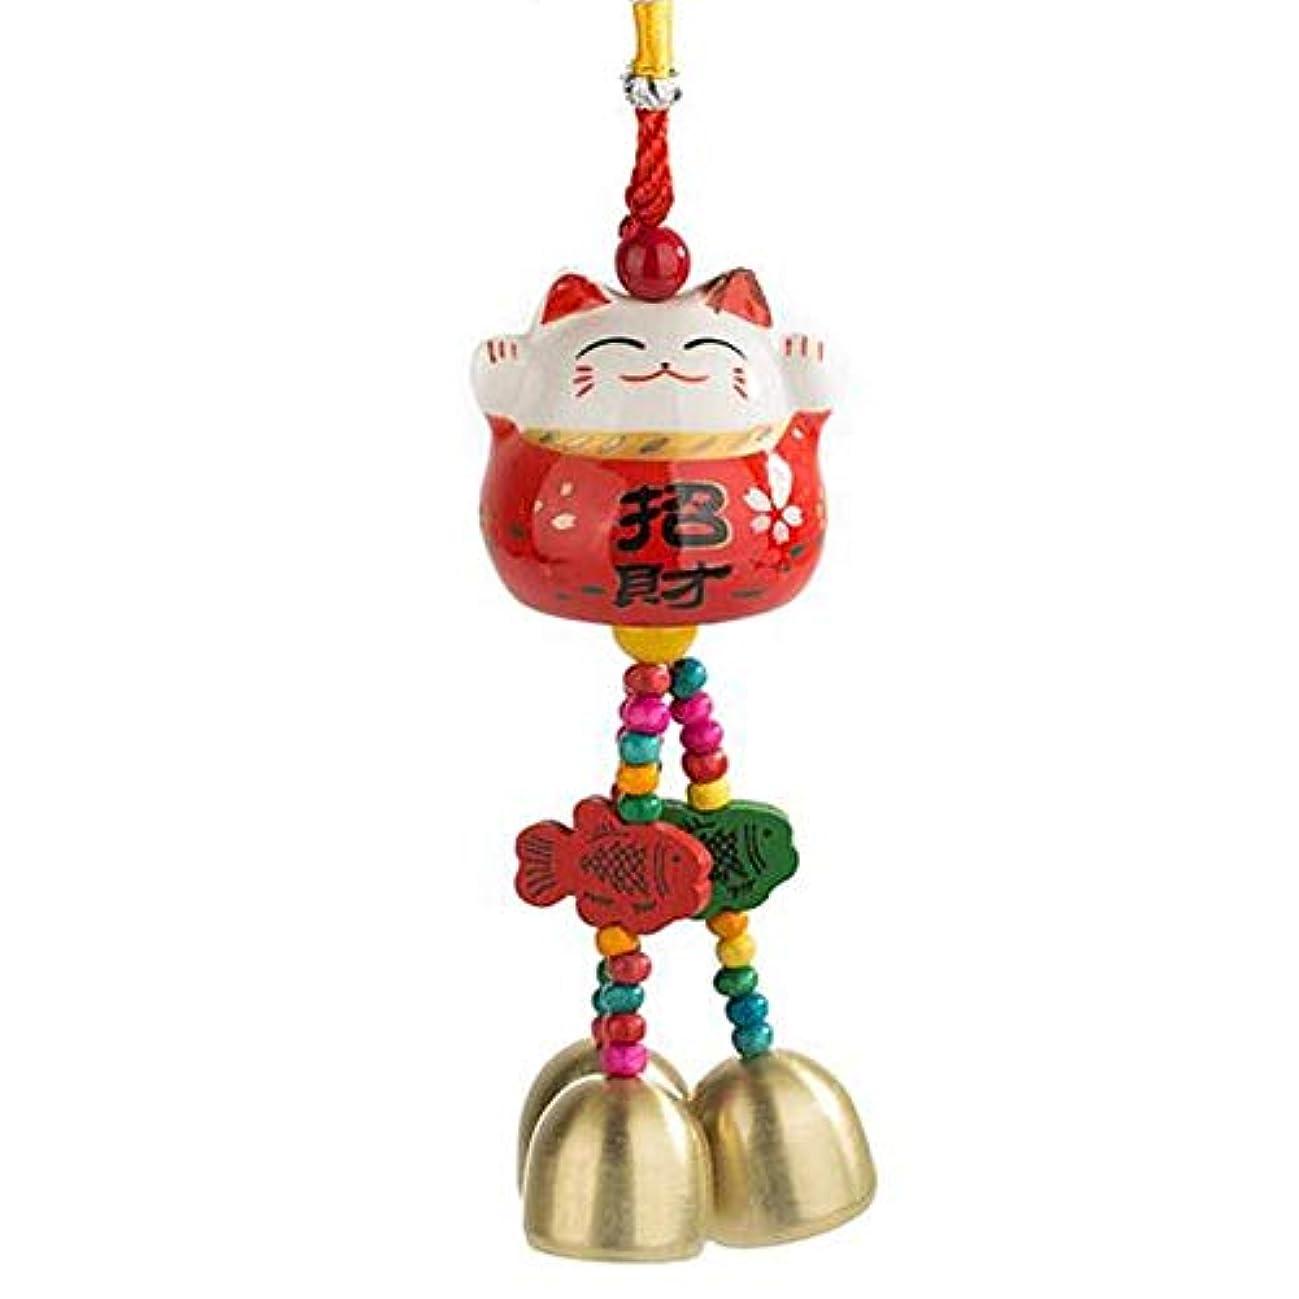 センター健康プラグHongyushanghang 風チャイム、かわいいクリエイティブセラミック猫風の鐘、赤、長い28センチメートル,、ジュエリークリエイティブホリデーギフトを掛ける (Color : Red)